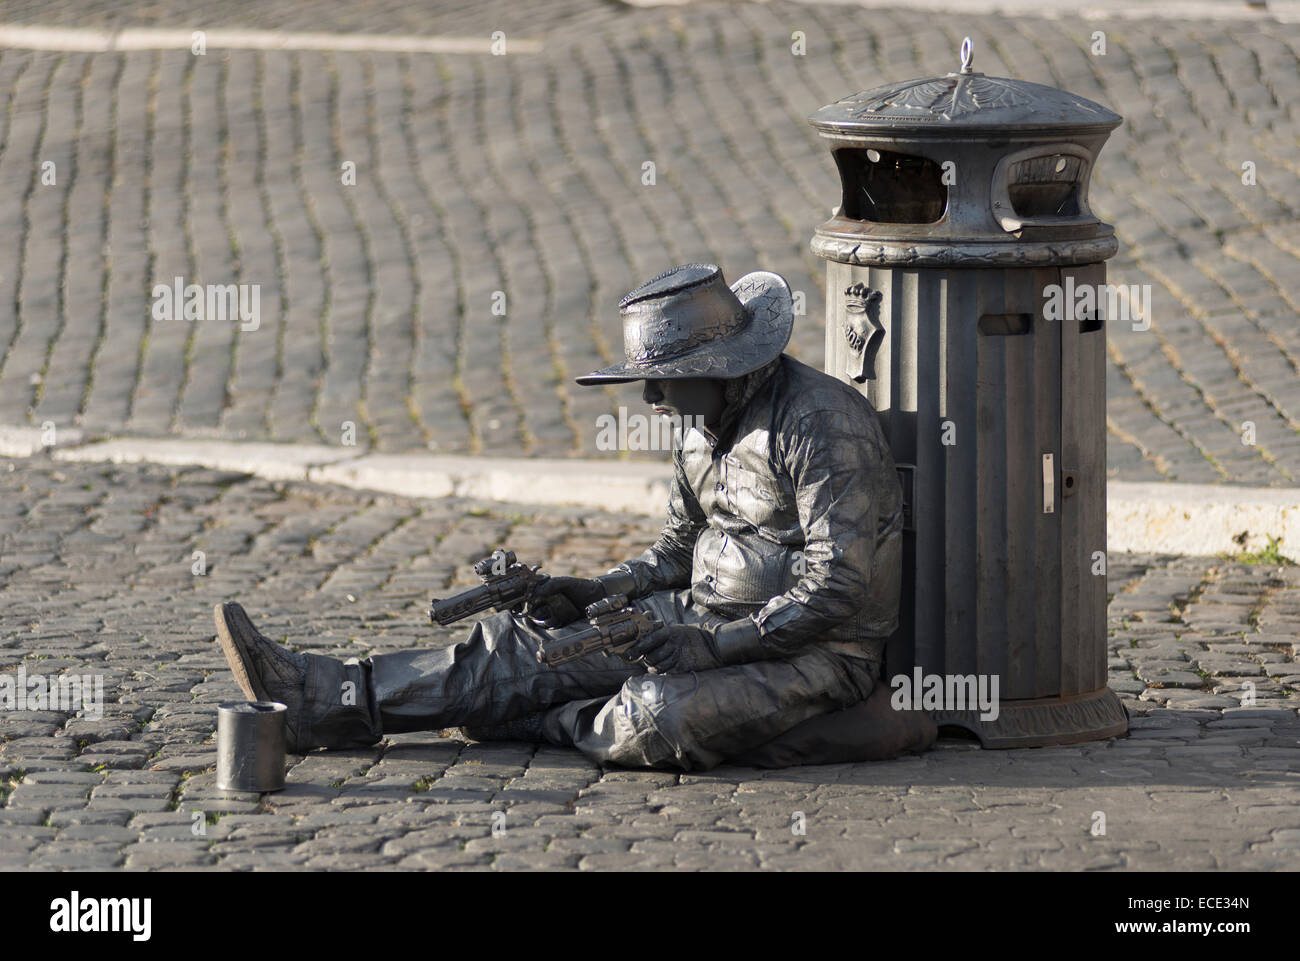 Cowboy, attore con pistole seduto sulla via della conciliazone, XIV rione Borgo, Roma, lazio, Italy Immagini Stock